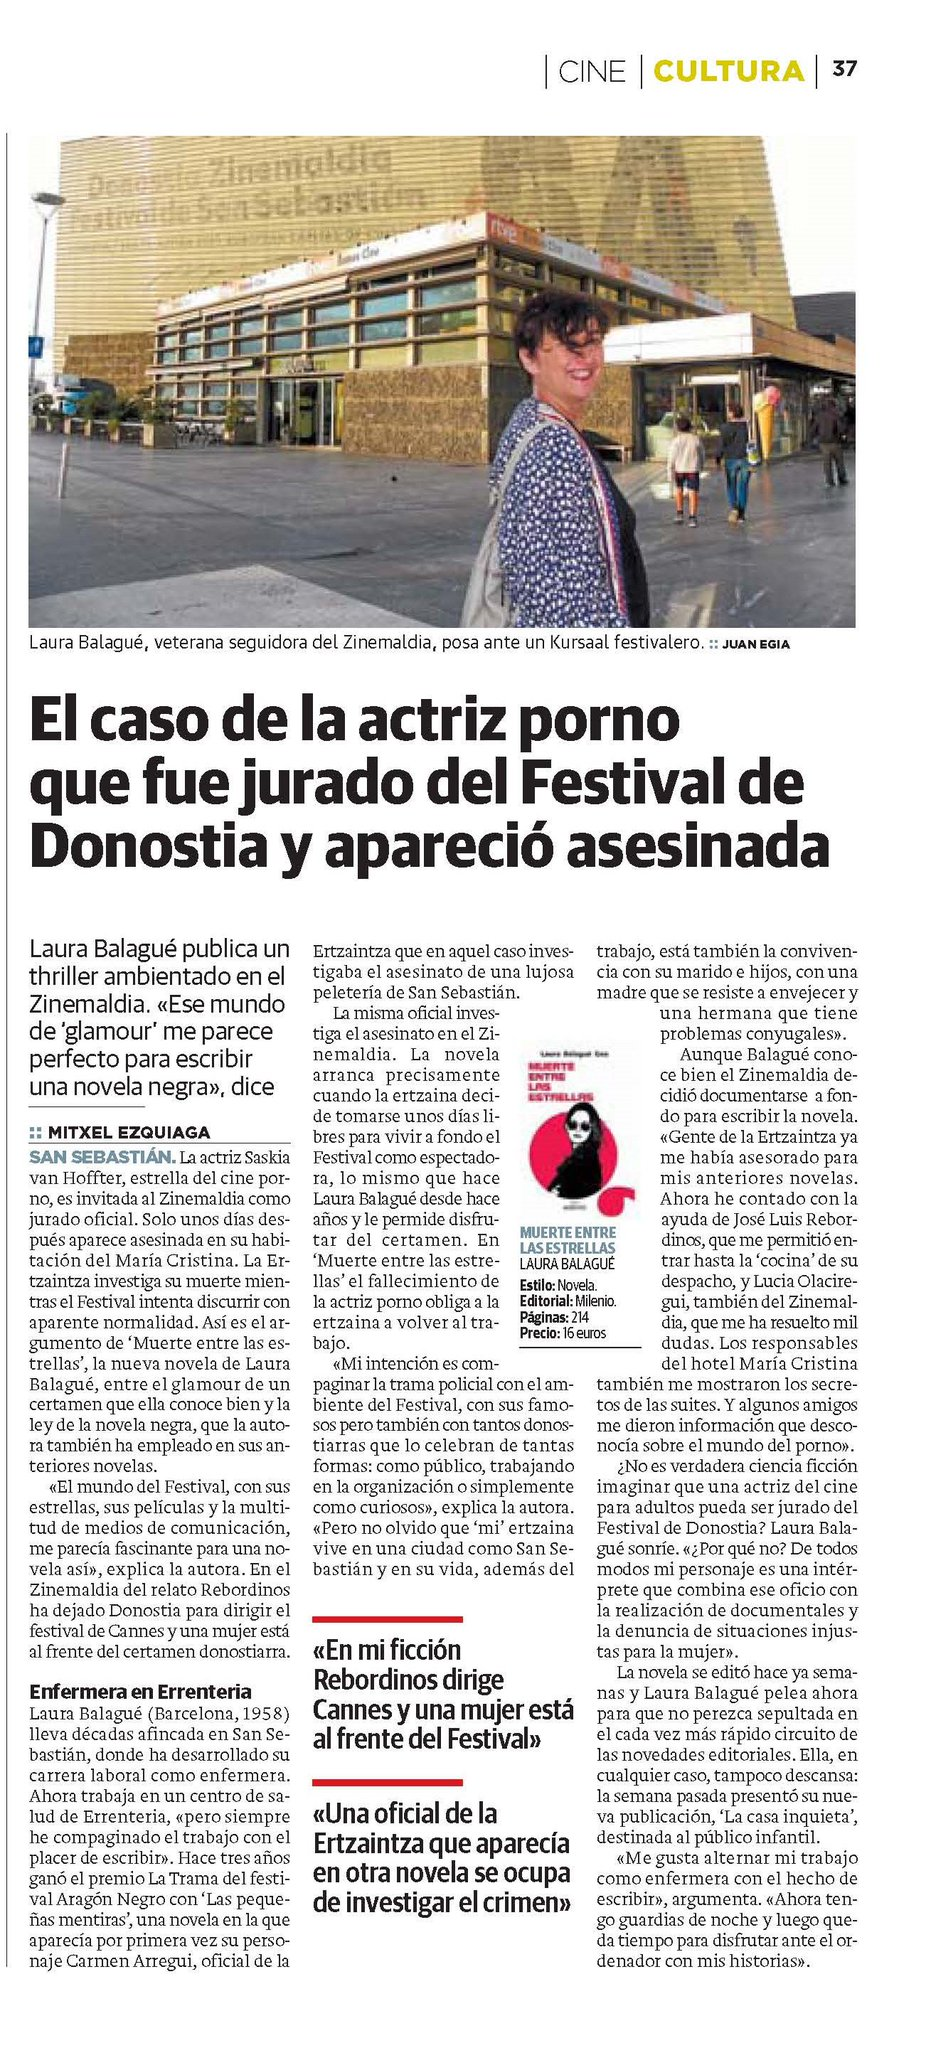 """Actriz Porno De Donostia editorial milenio on twitter: """"¿conocéis el caso de la"""